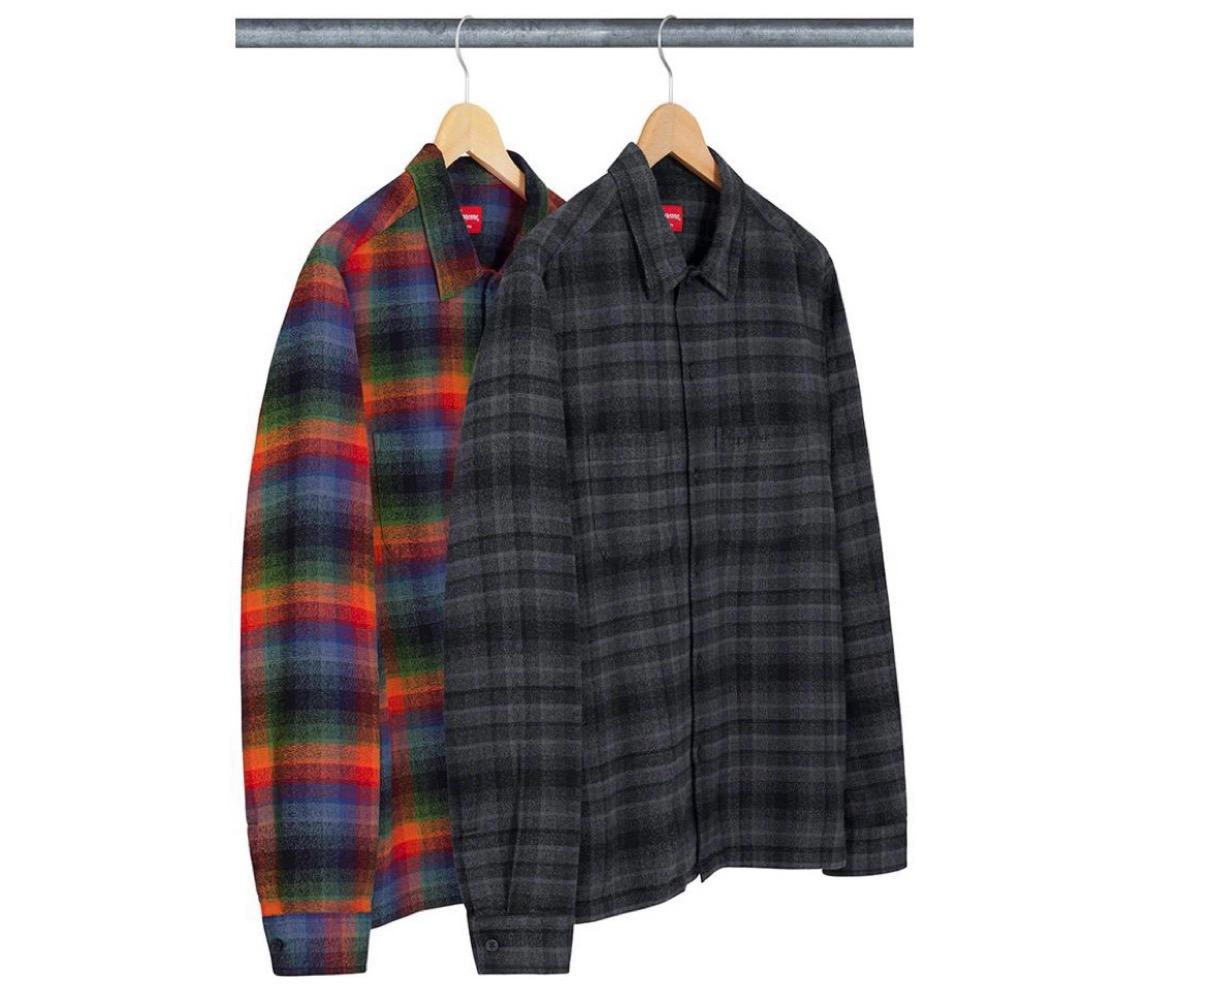 Plaid Flannel Shirt シュプリーム 2021年 春夏 新作 Supreme-2021ss-week-1